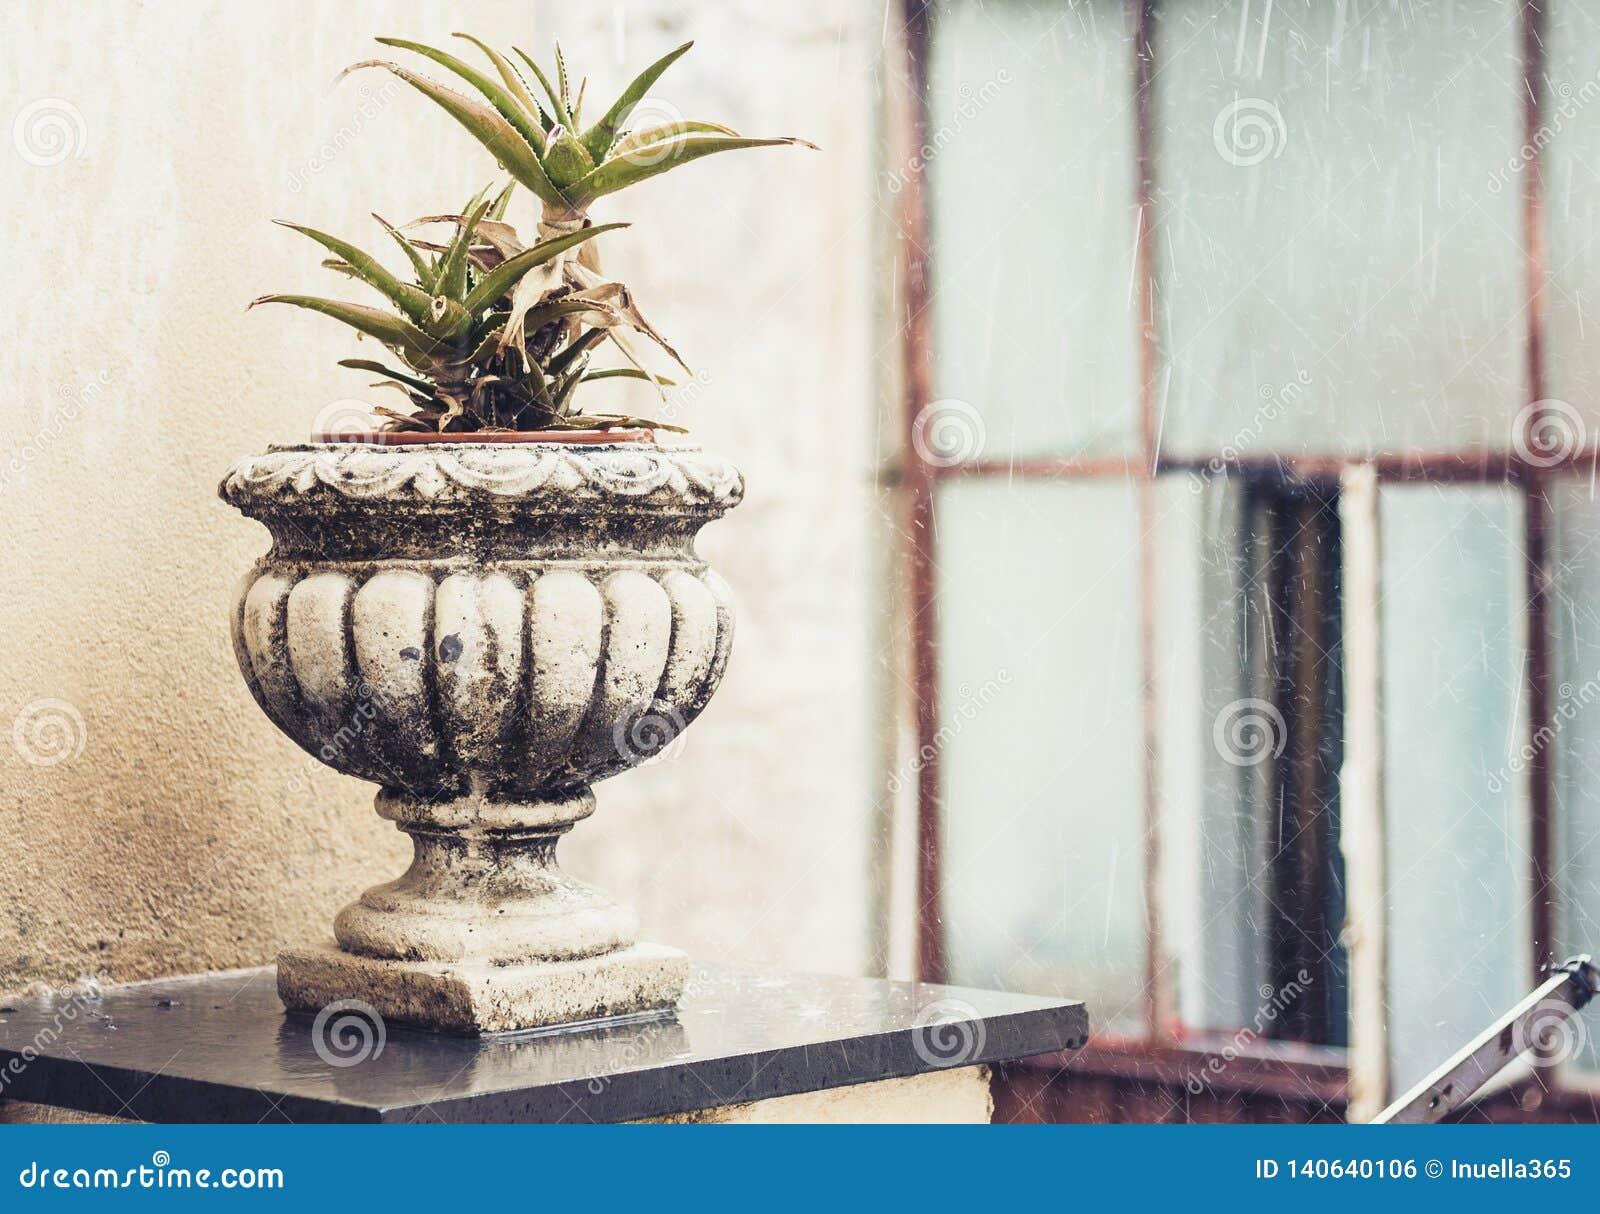 Διακοσμητικό δοχείο πετρών για τις εγκαταστάσεις στο πεζούλι ενός ιστορικού κτηρίου στην Κατάνια, Σικελία, Ιταλία, βροχερή ημέρα